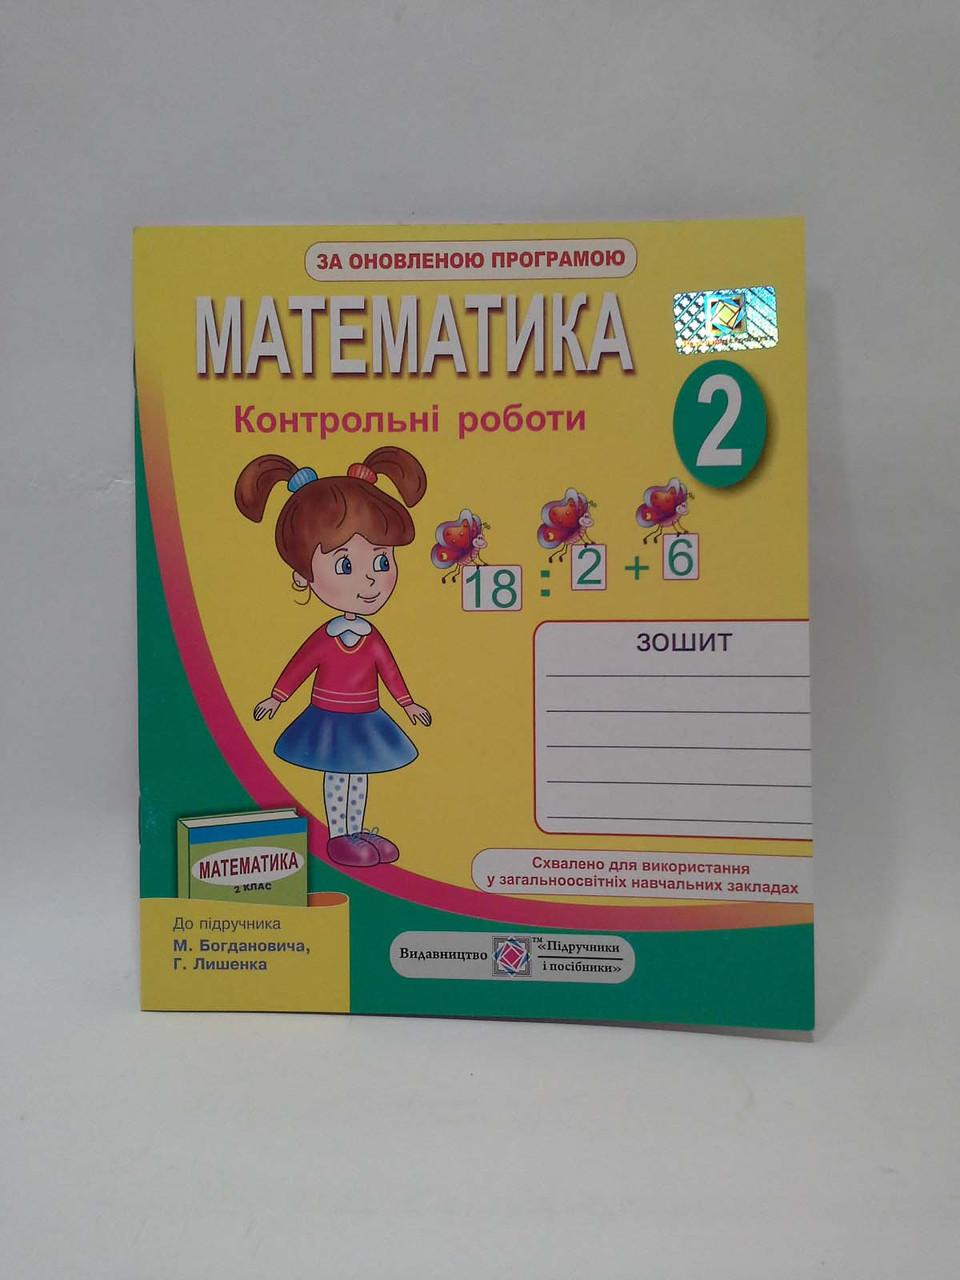 Робочий зошит Математика 2 клас Контрольні роботи до Богданович Шандрівська ПіП